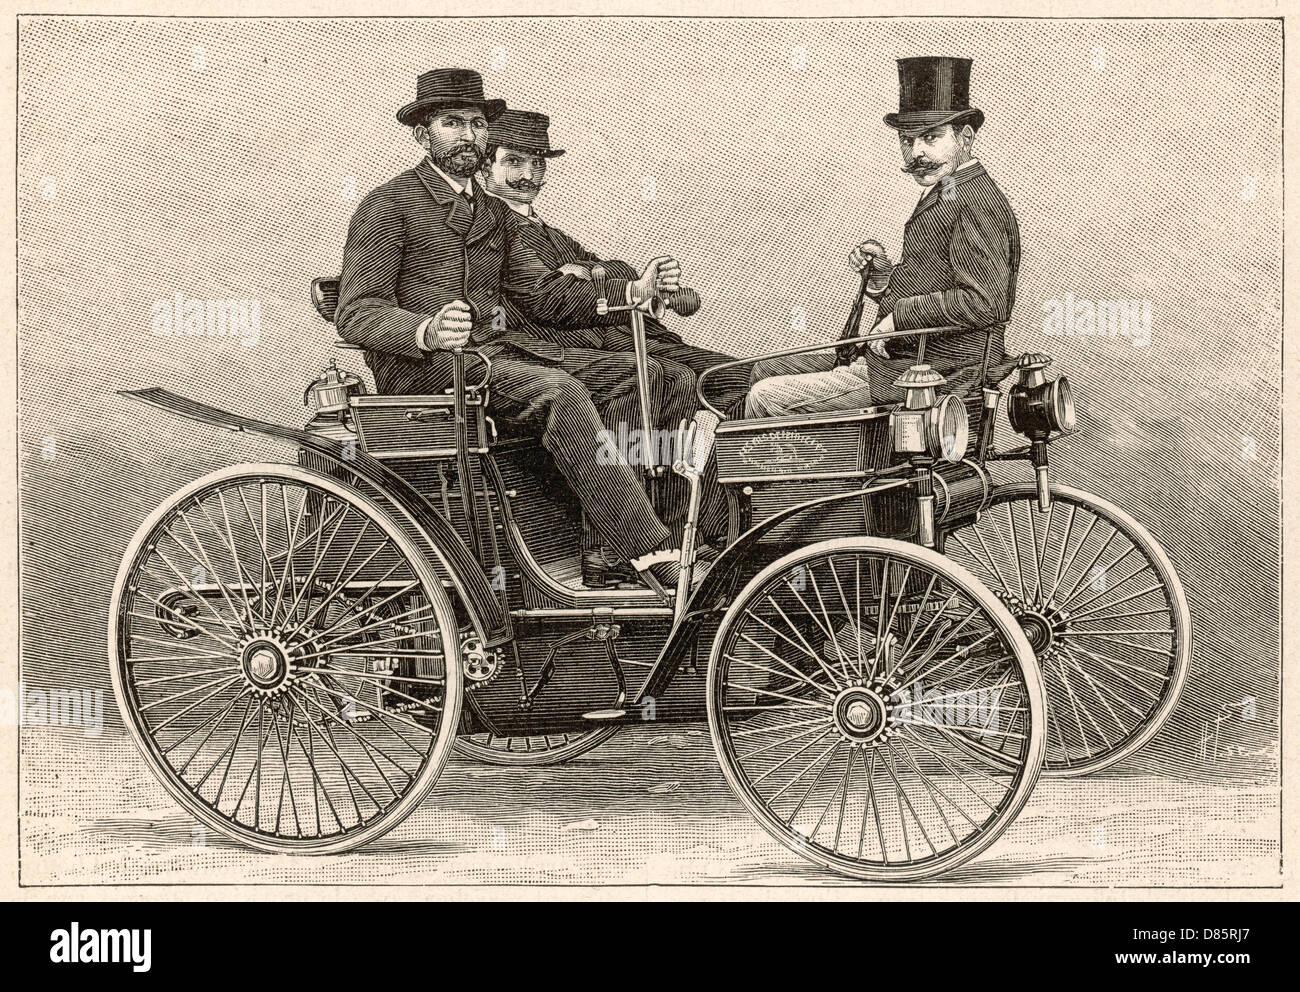 Peugeot 1891 Motor Car